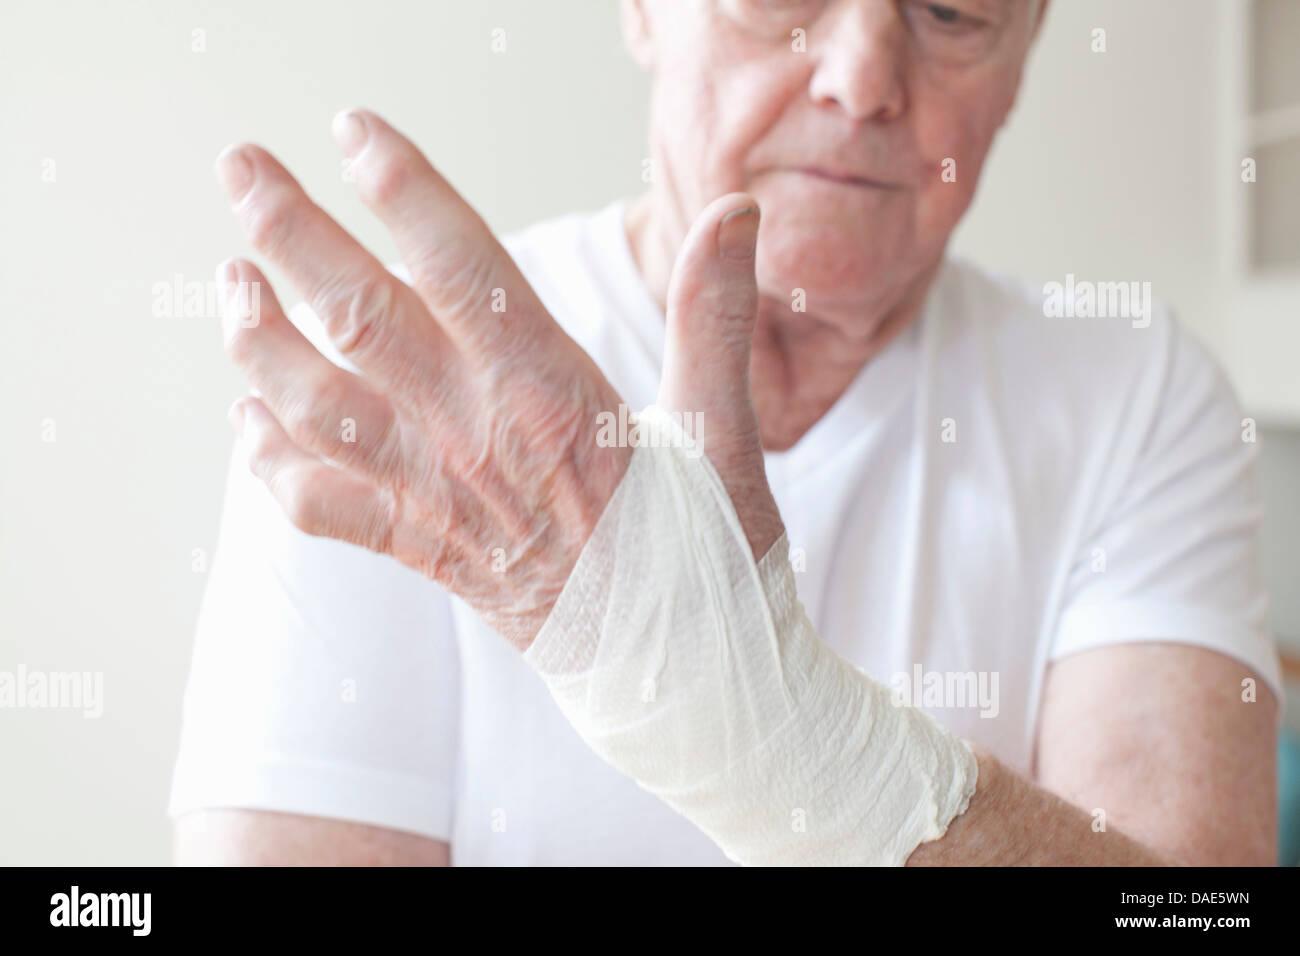 Senior man with bandage on wrist - Stock Image